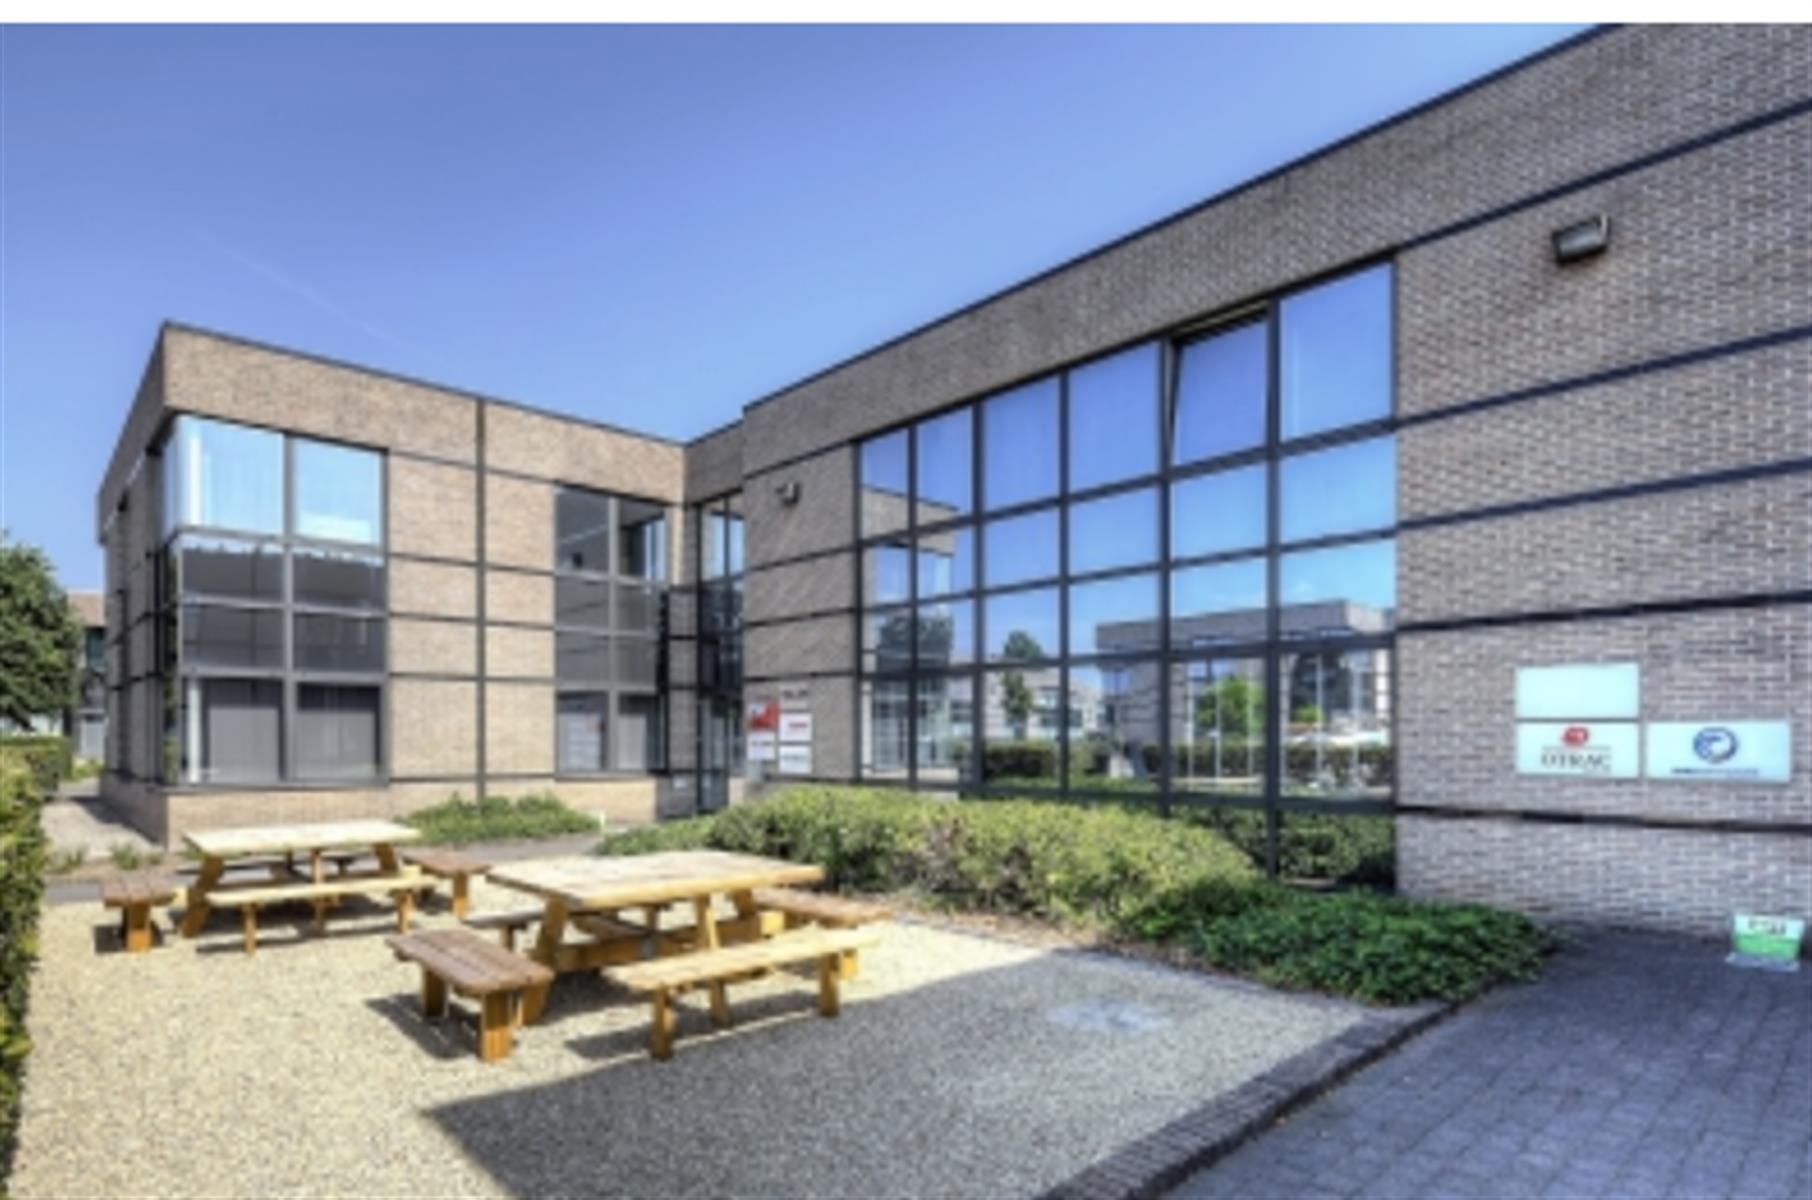 kantoor te huur I131 - Kantoor - Generaal de Wittelaan 9, 2800 Mechelen, België 1